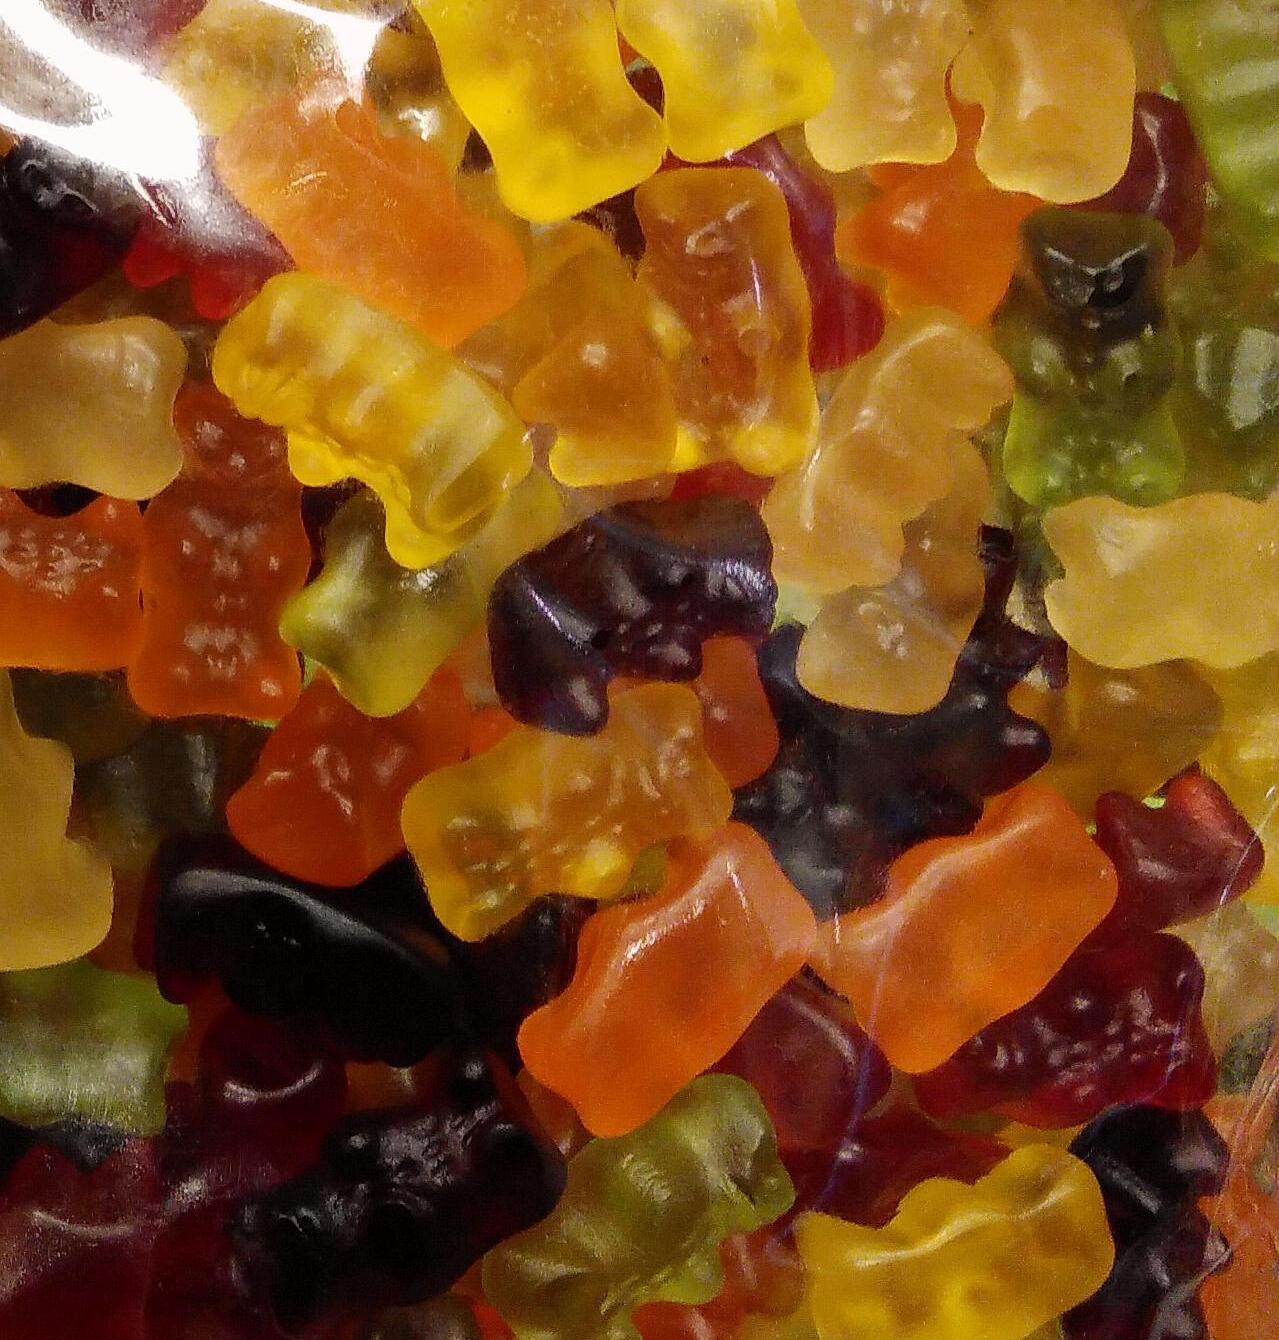 Nahaufnahme von bunten Fruchtsaft-Gummibärchen ohne Gelatine